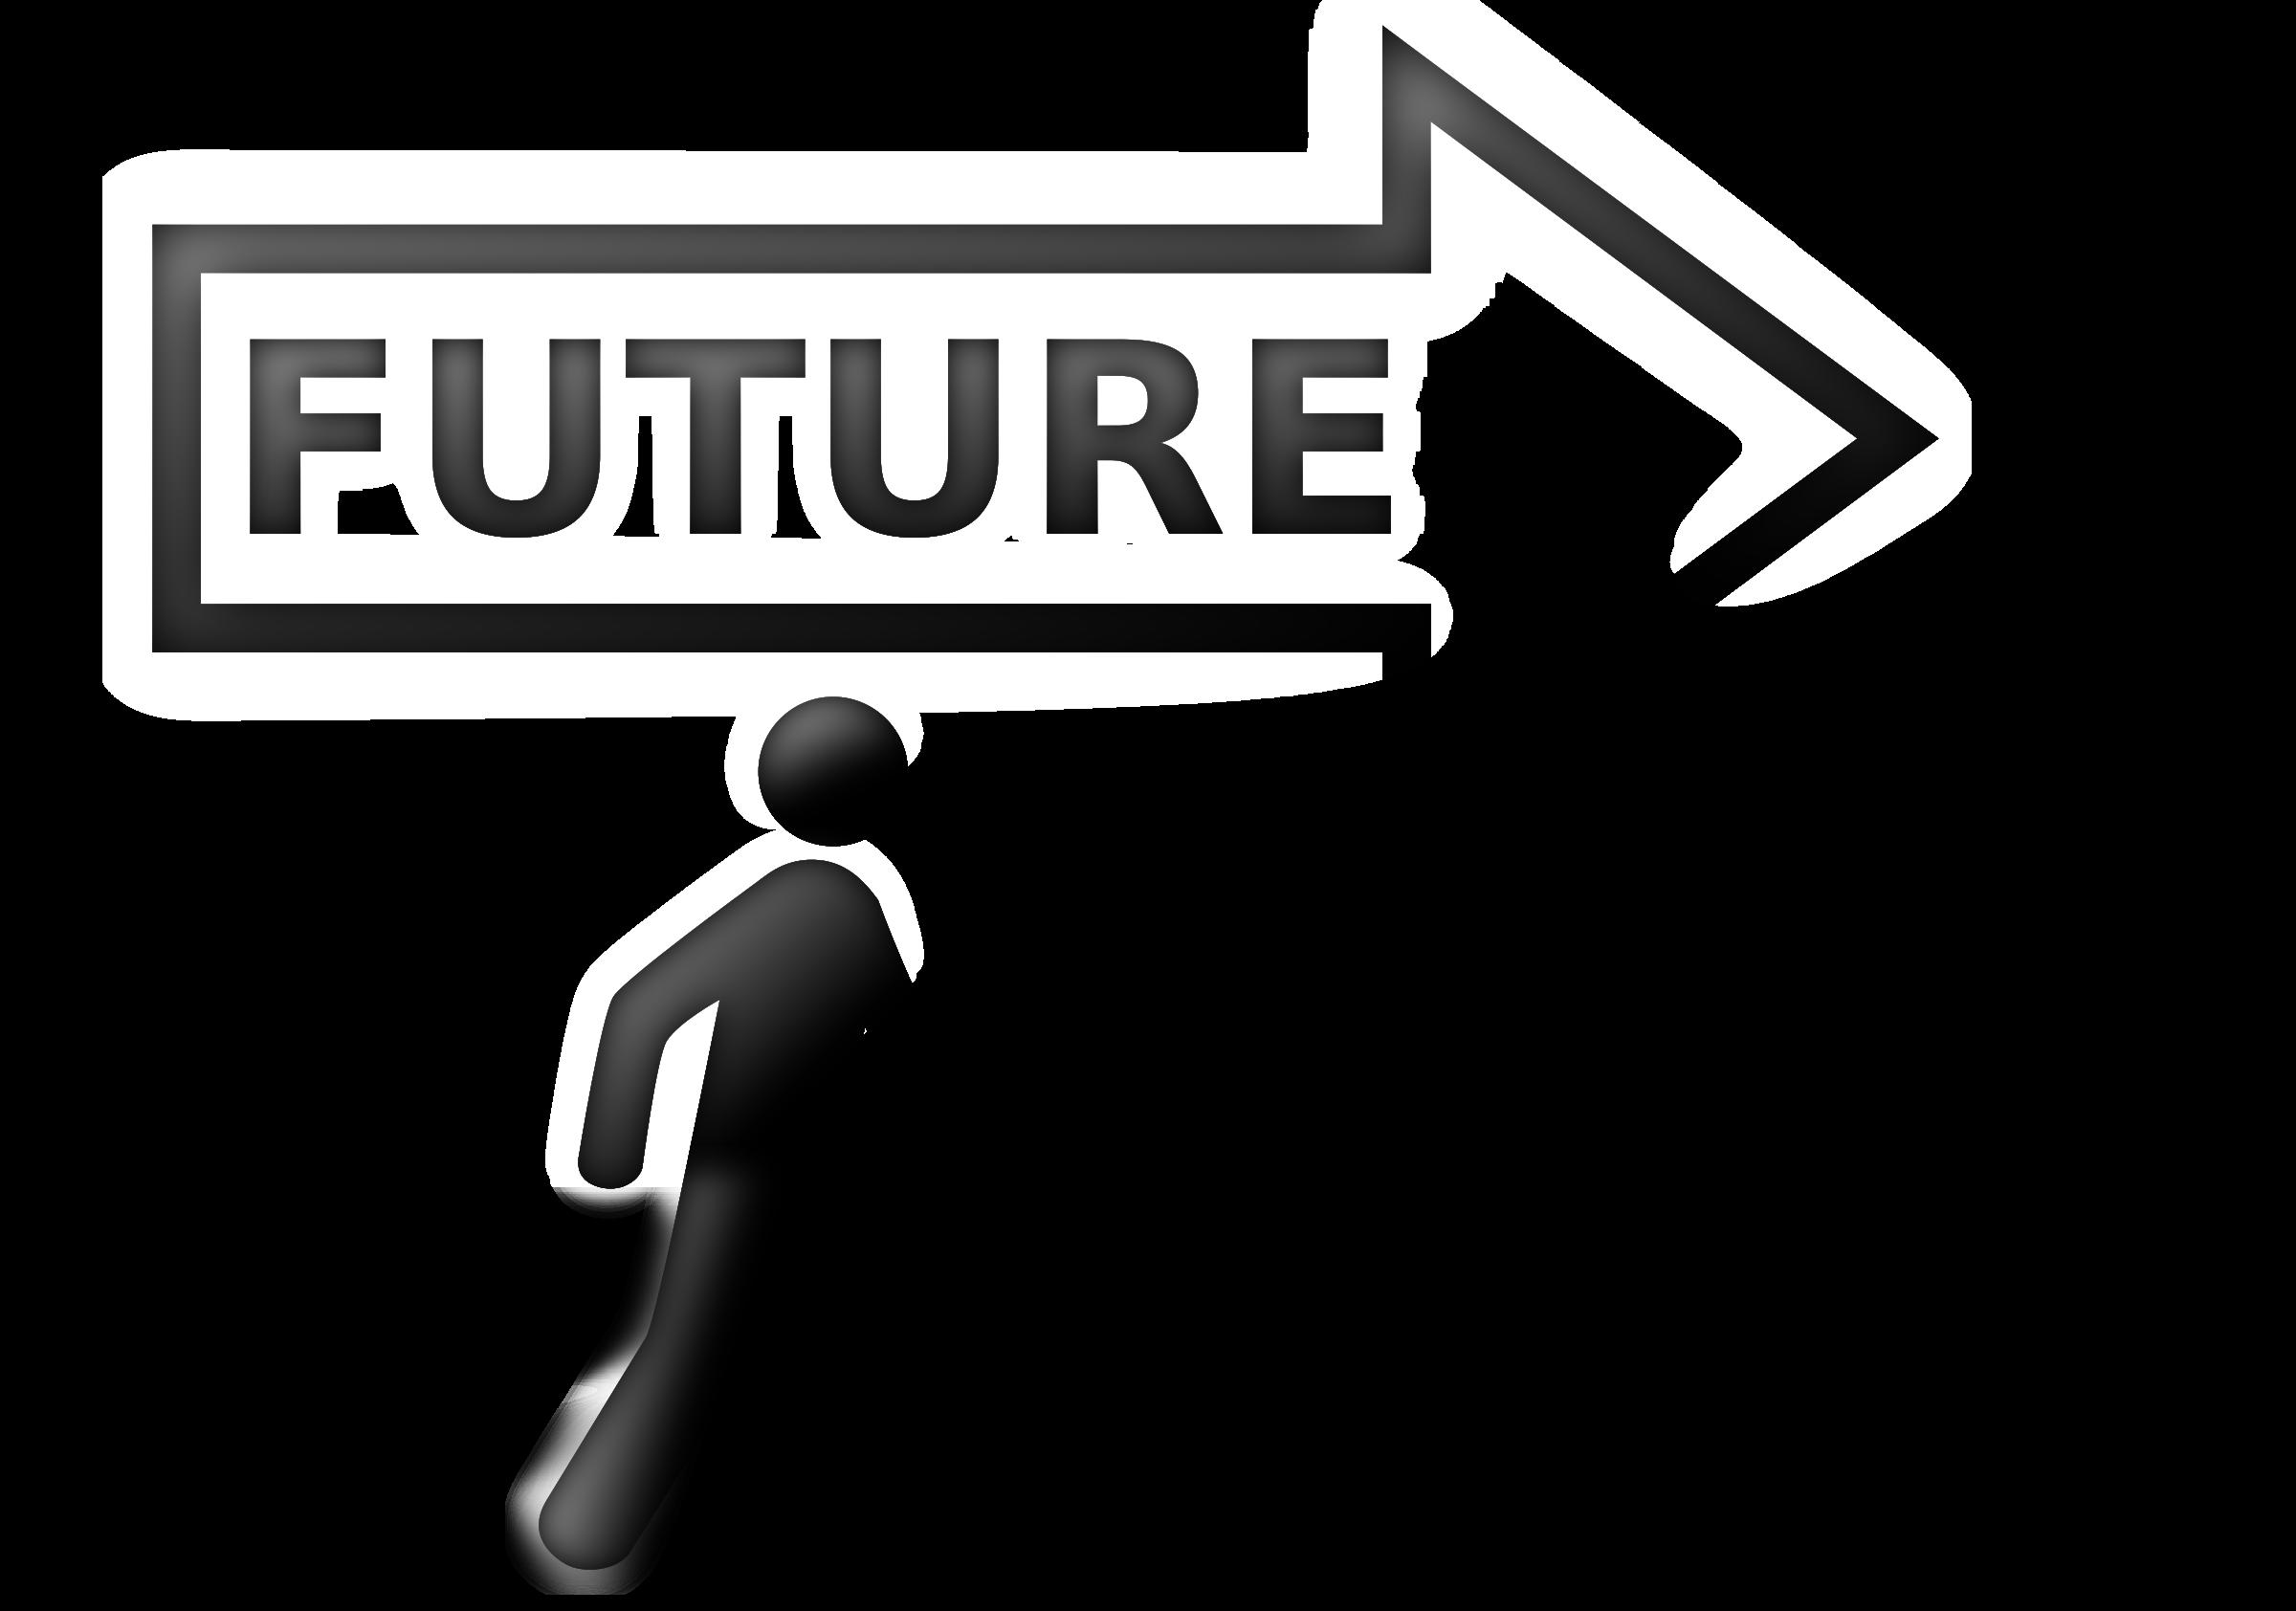 future clipart future vision